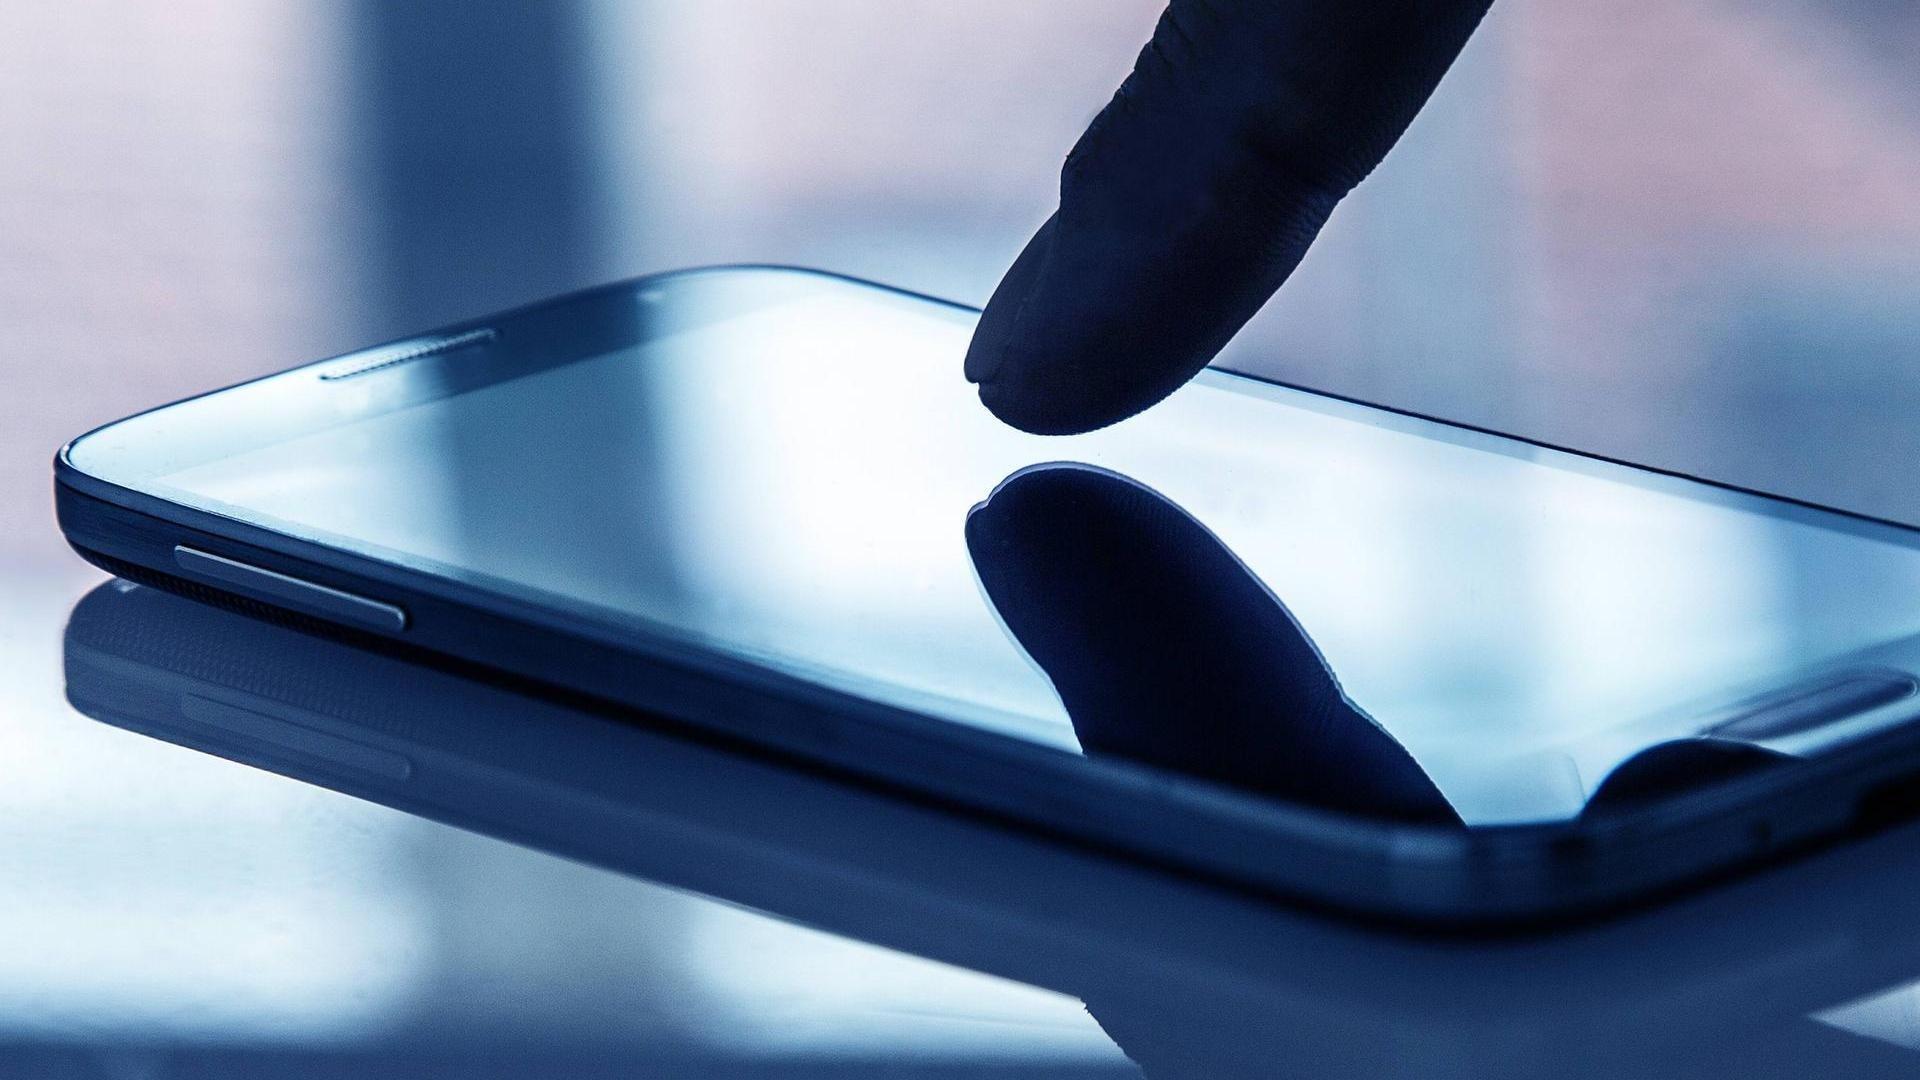 telemóvel e mensagens sms